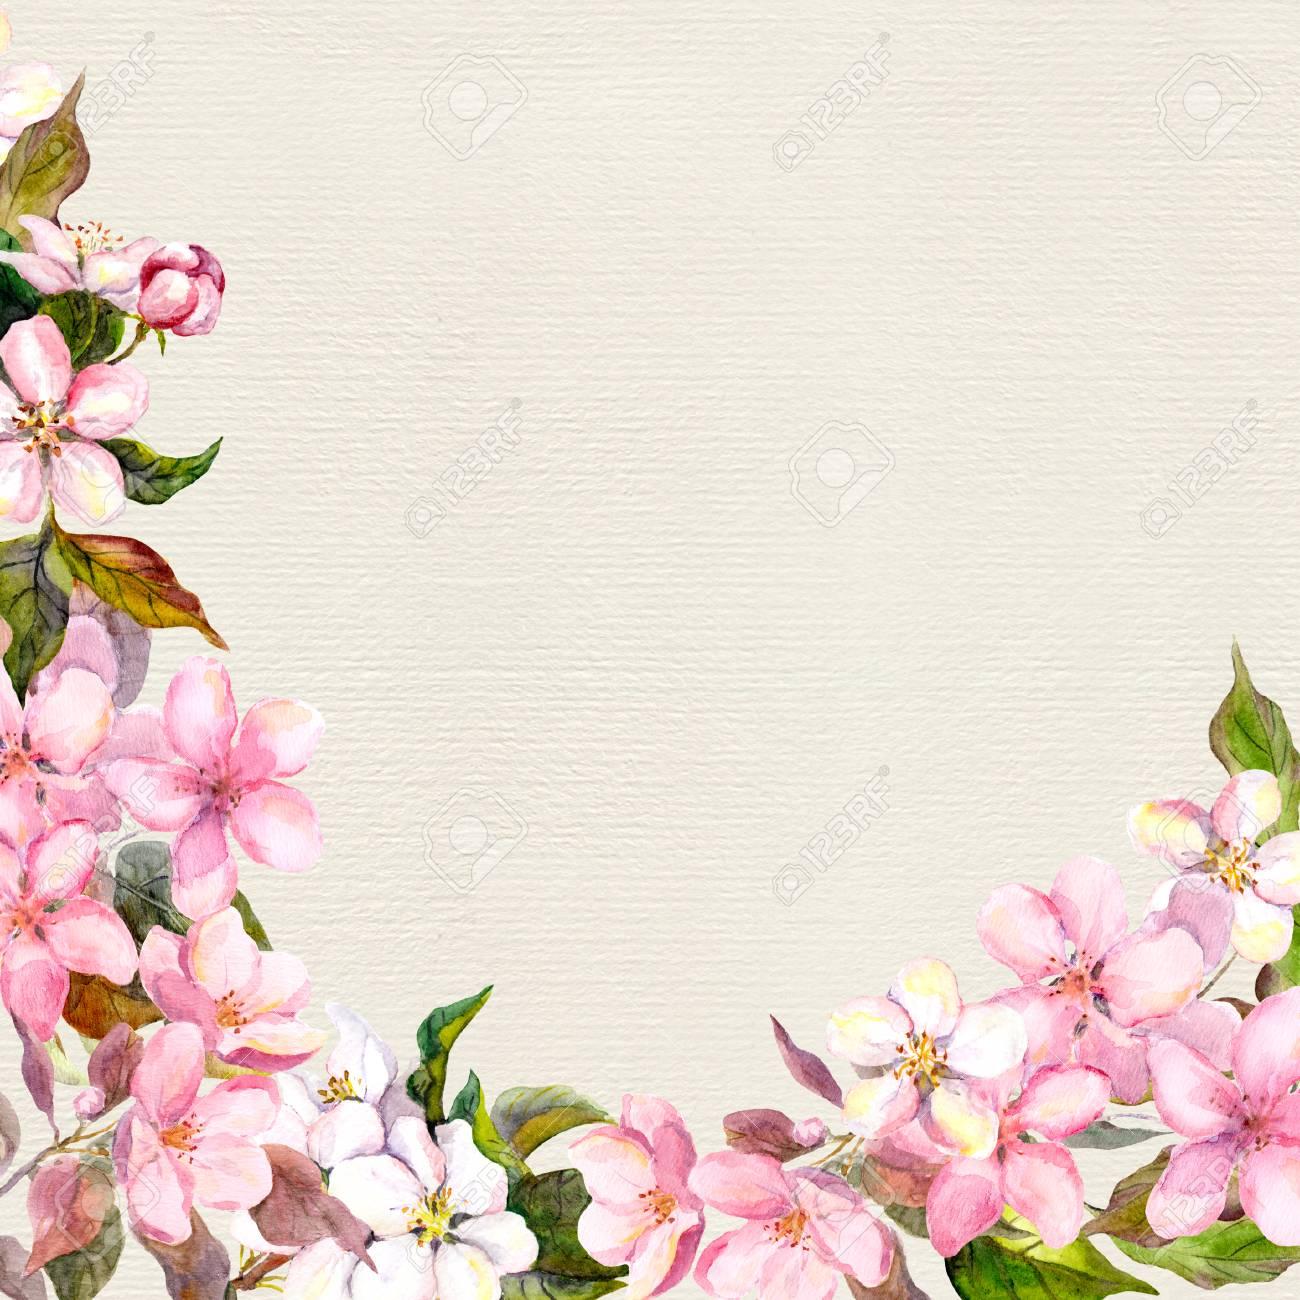 Immagini Stock Fiori Rosa Mela Fiore Di Ciliegio Cornice